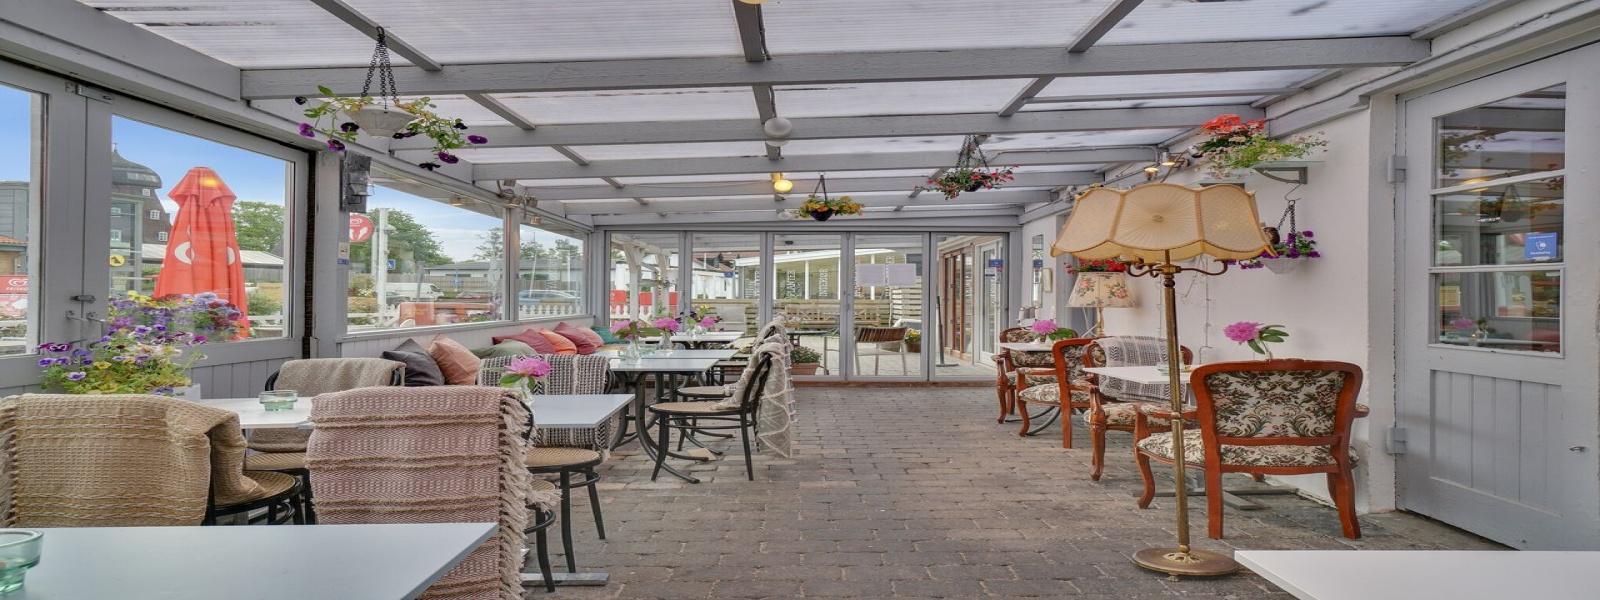 Restaurant,Til salg,1340